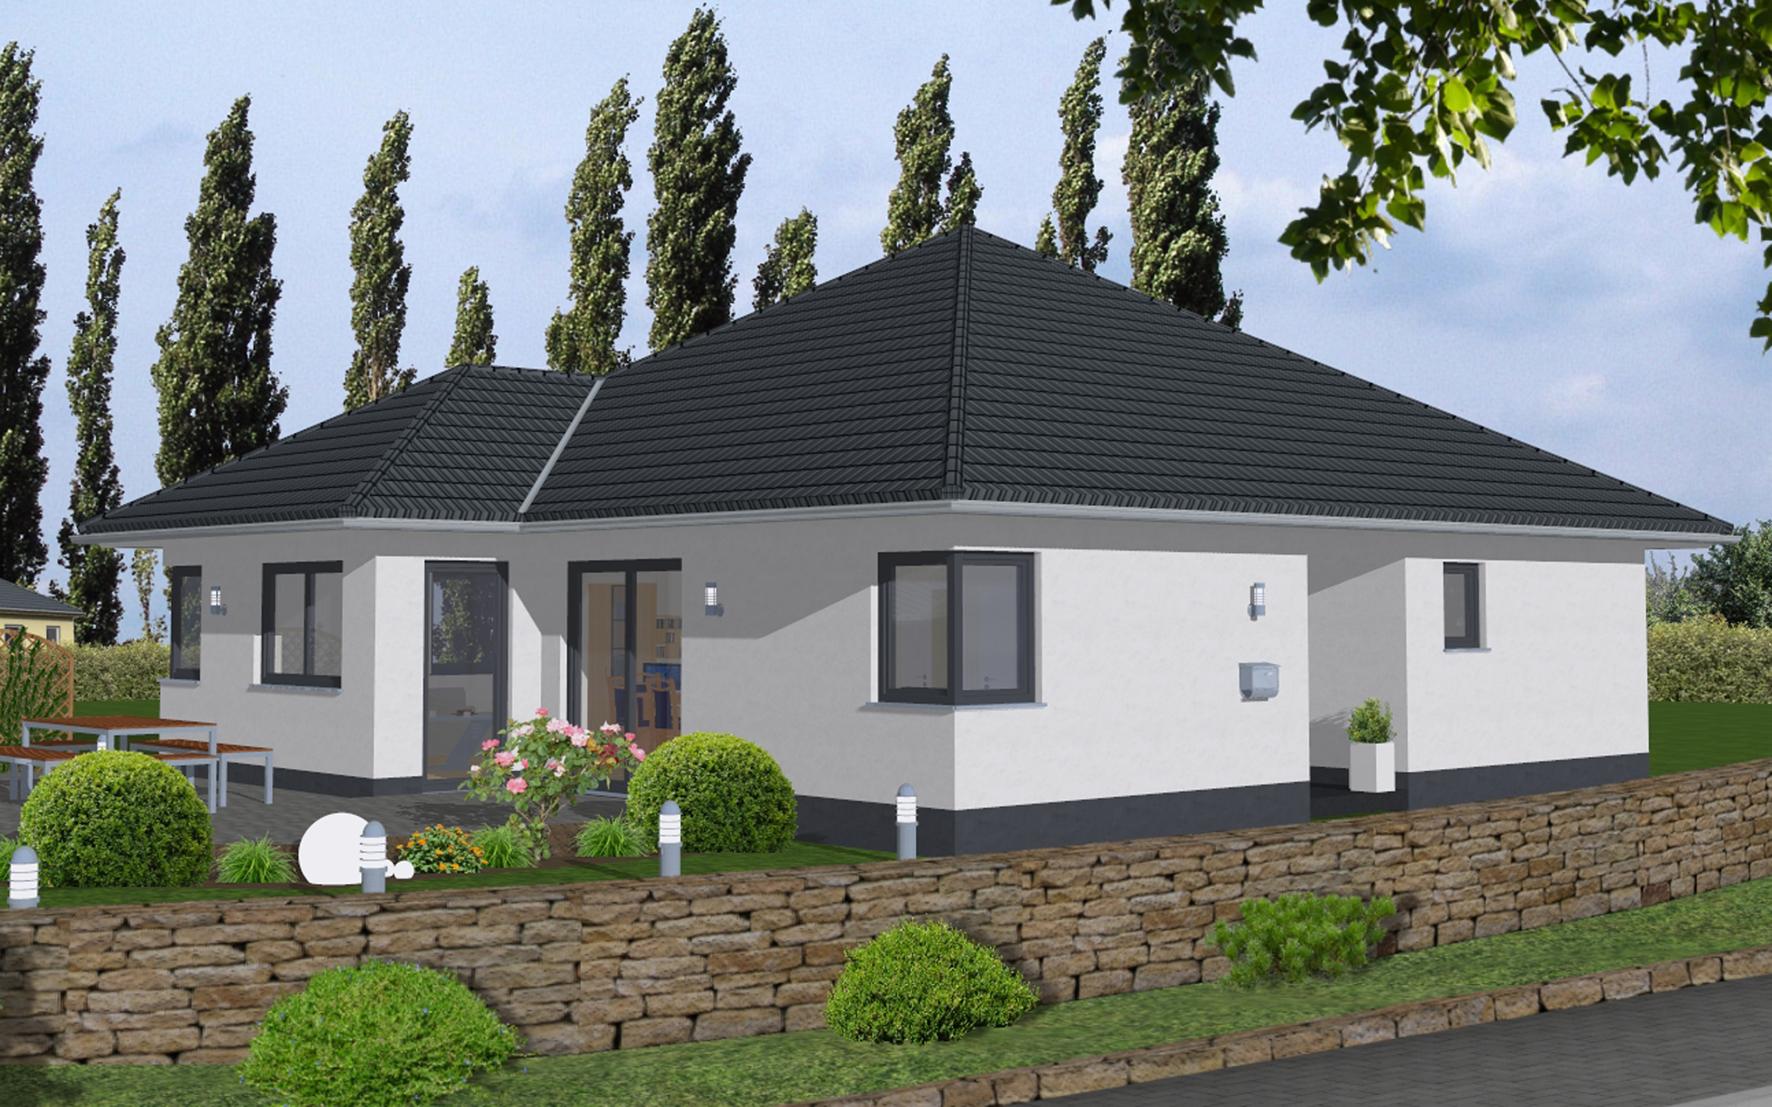 bungalow grau und creme m bel ideen und home design inspiration. Black Bedroom Furniture Sets. Home Design Ideas